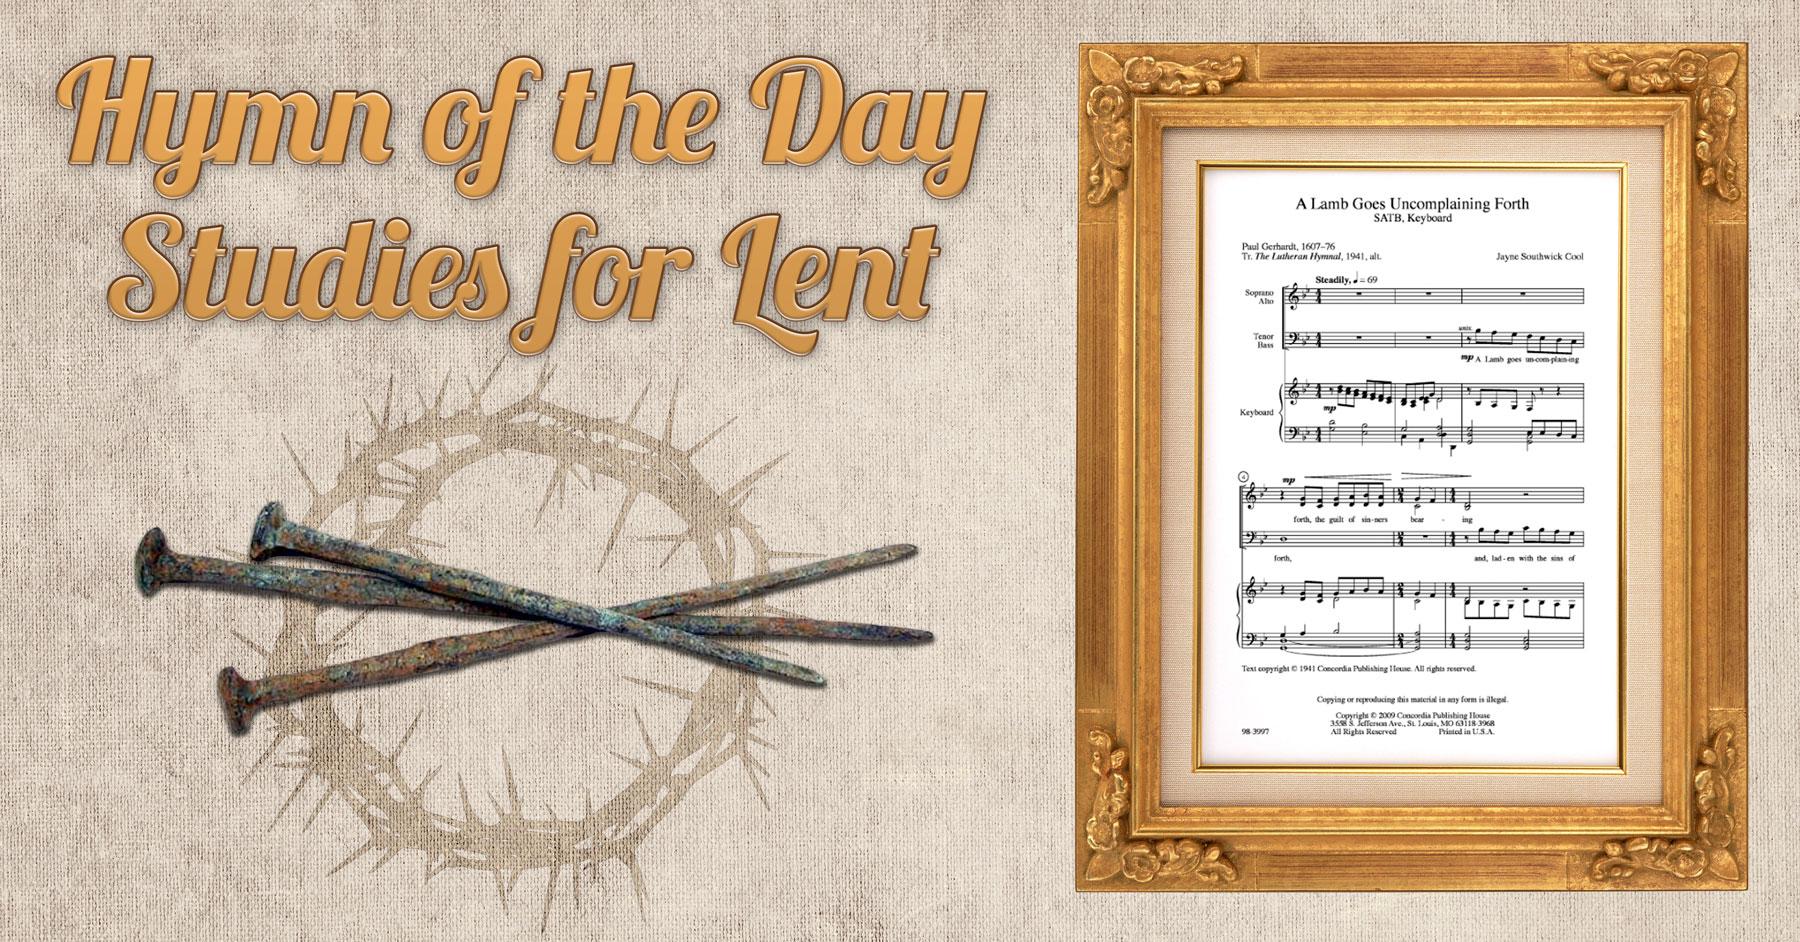 Lenten-Hymn-of-the-Day2019.04.12.jpg